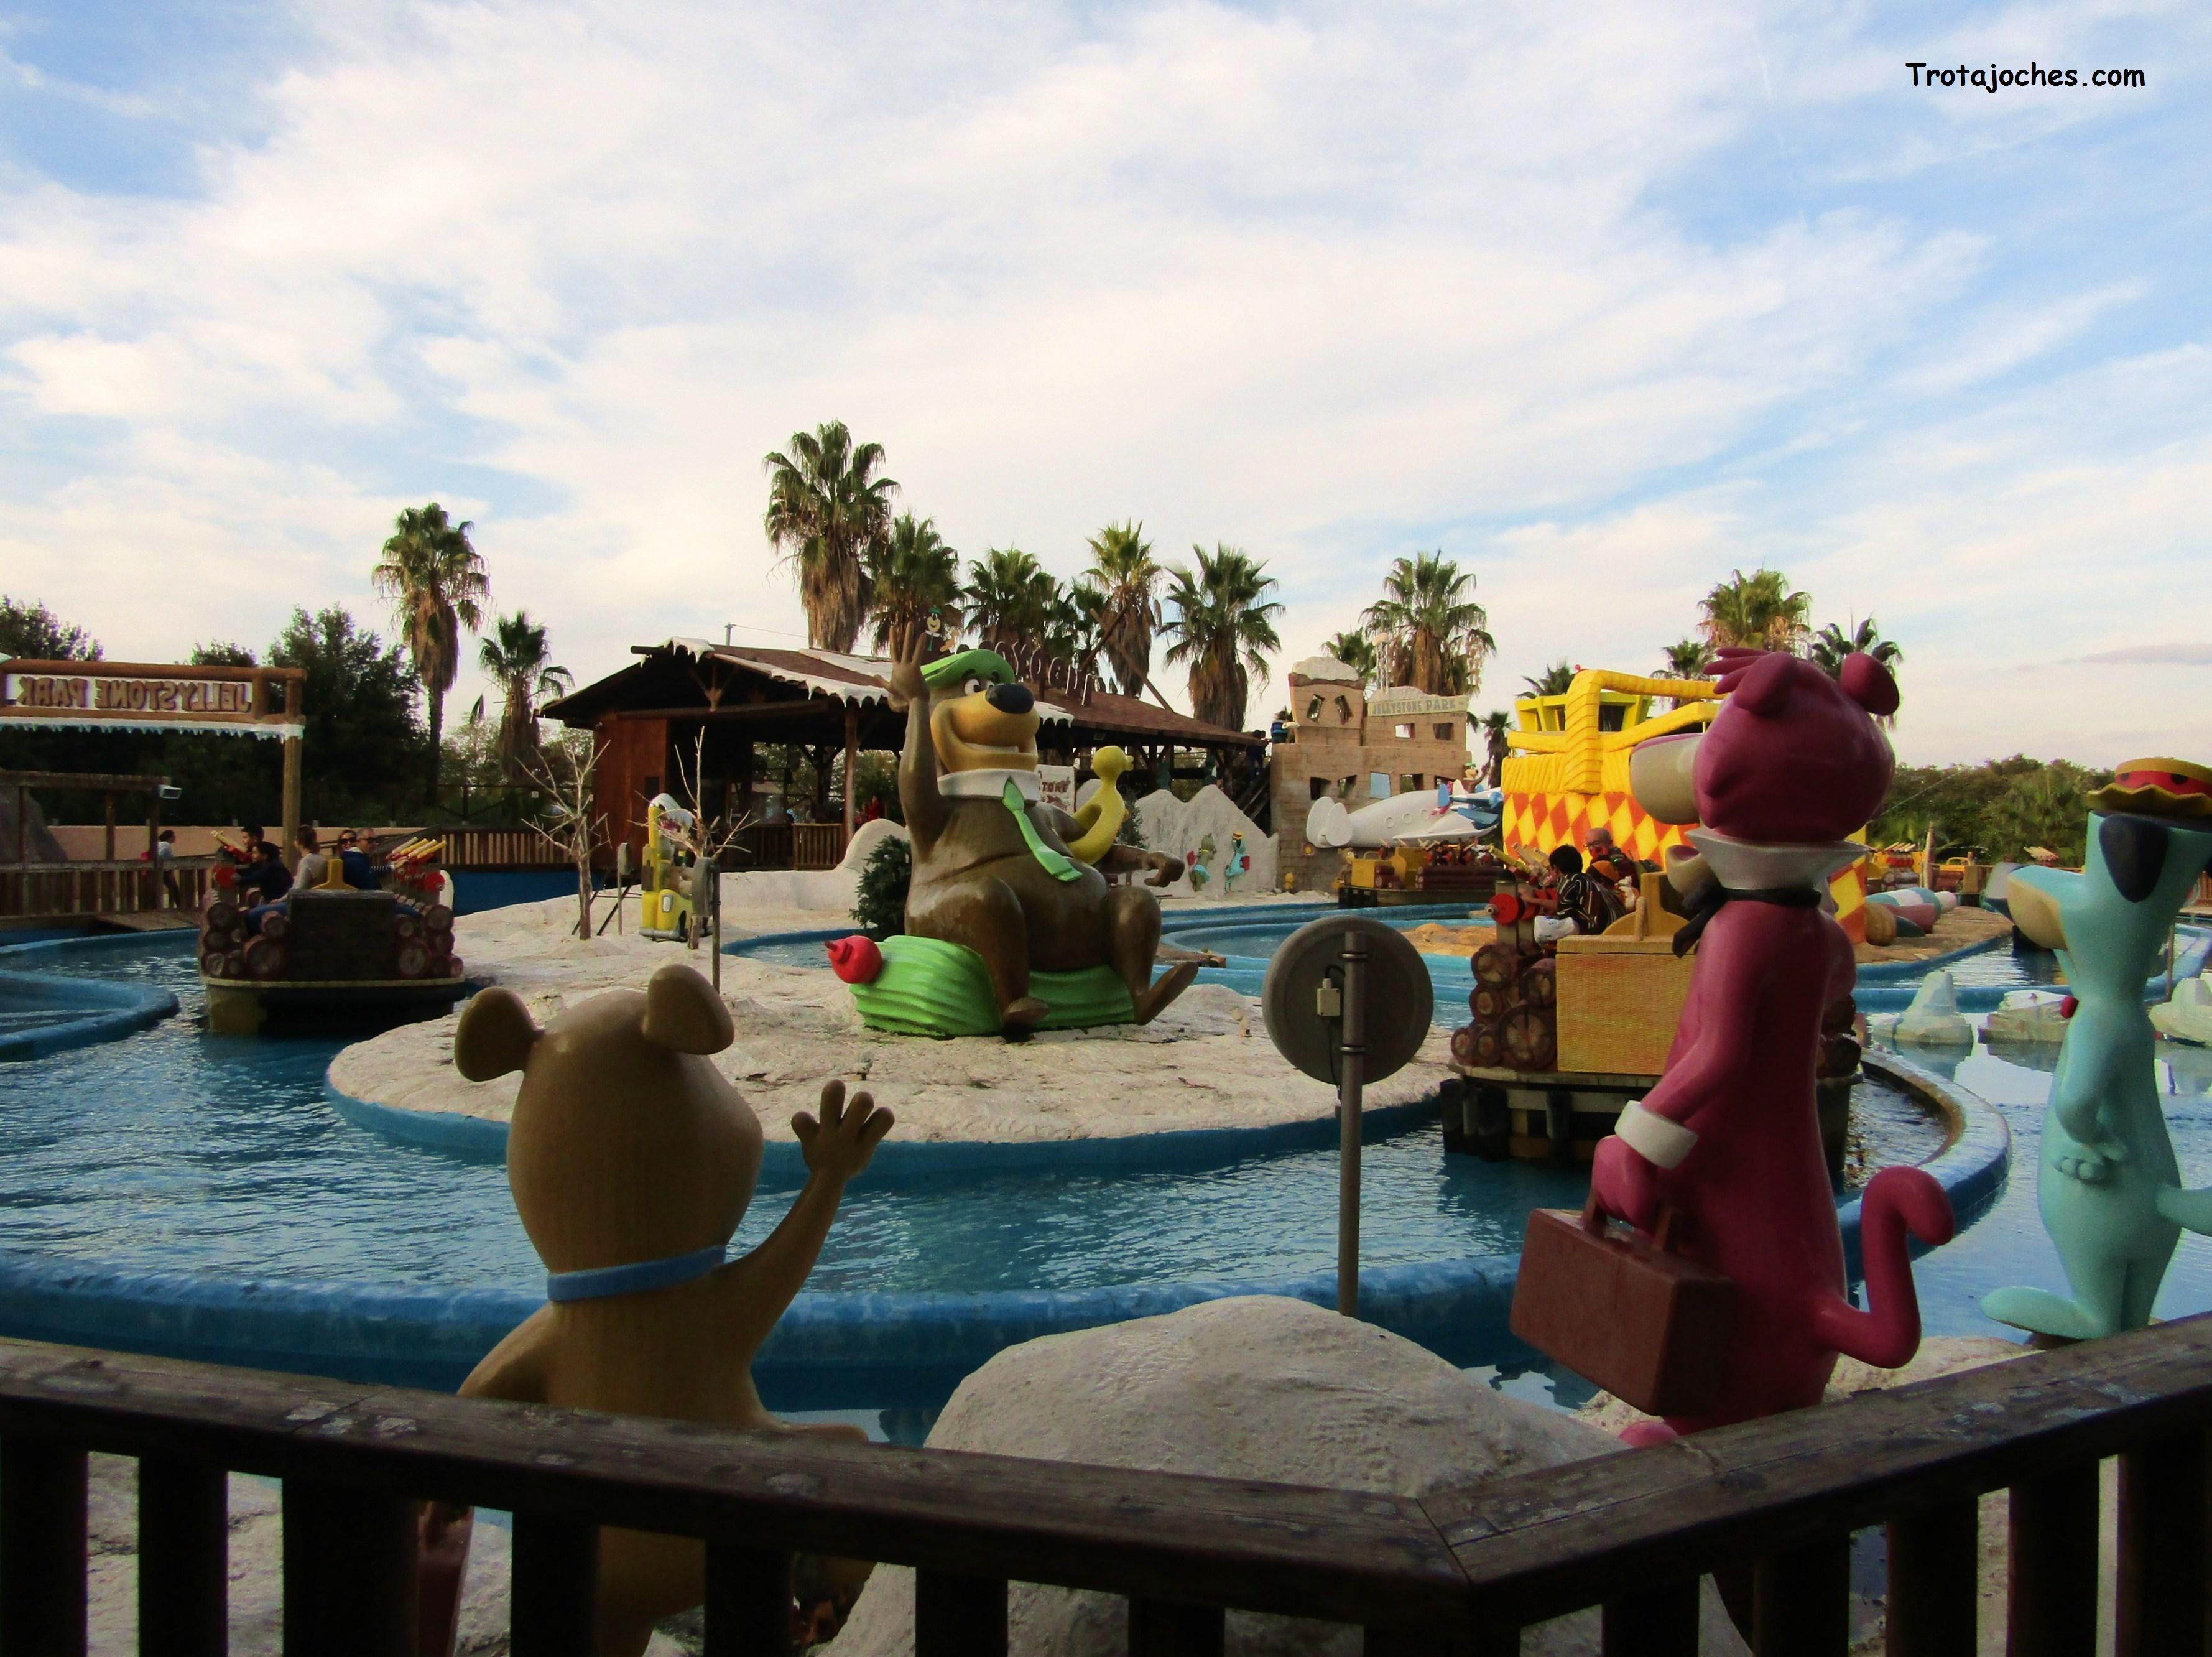 Atracción acuática del Parque Warner en Madrid